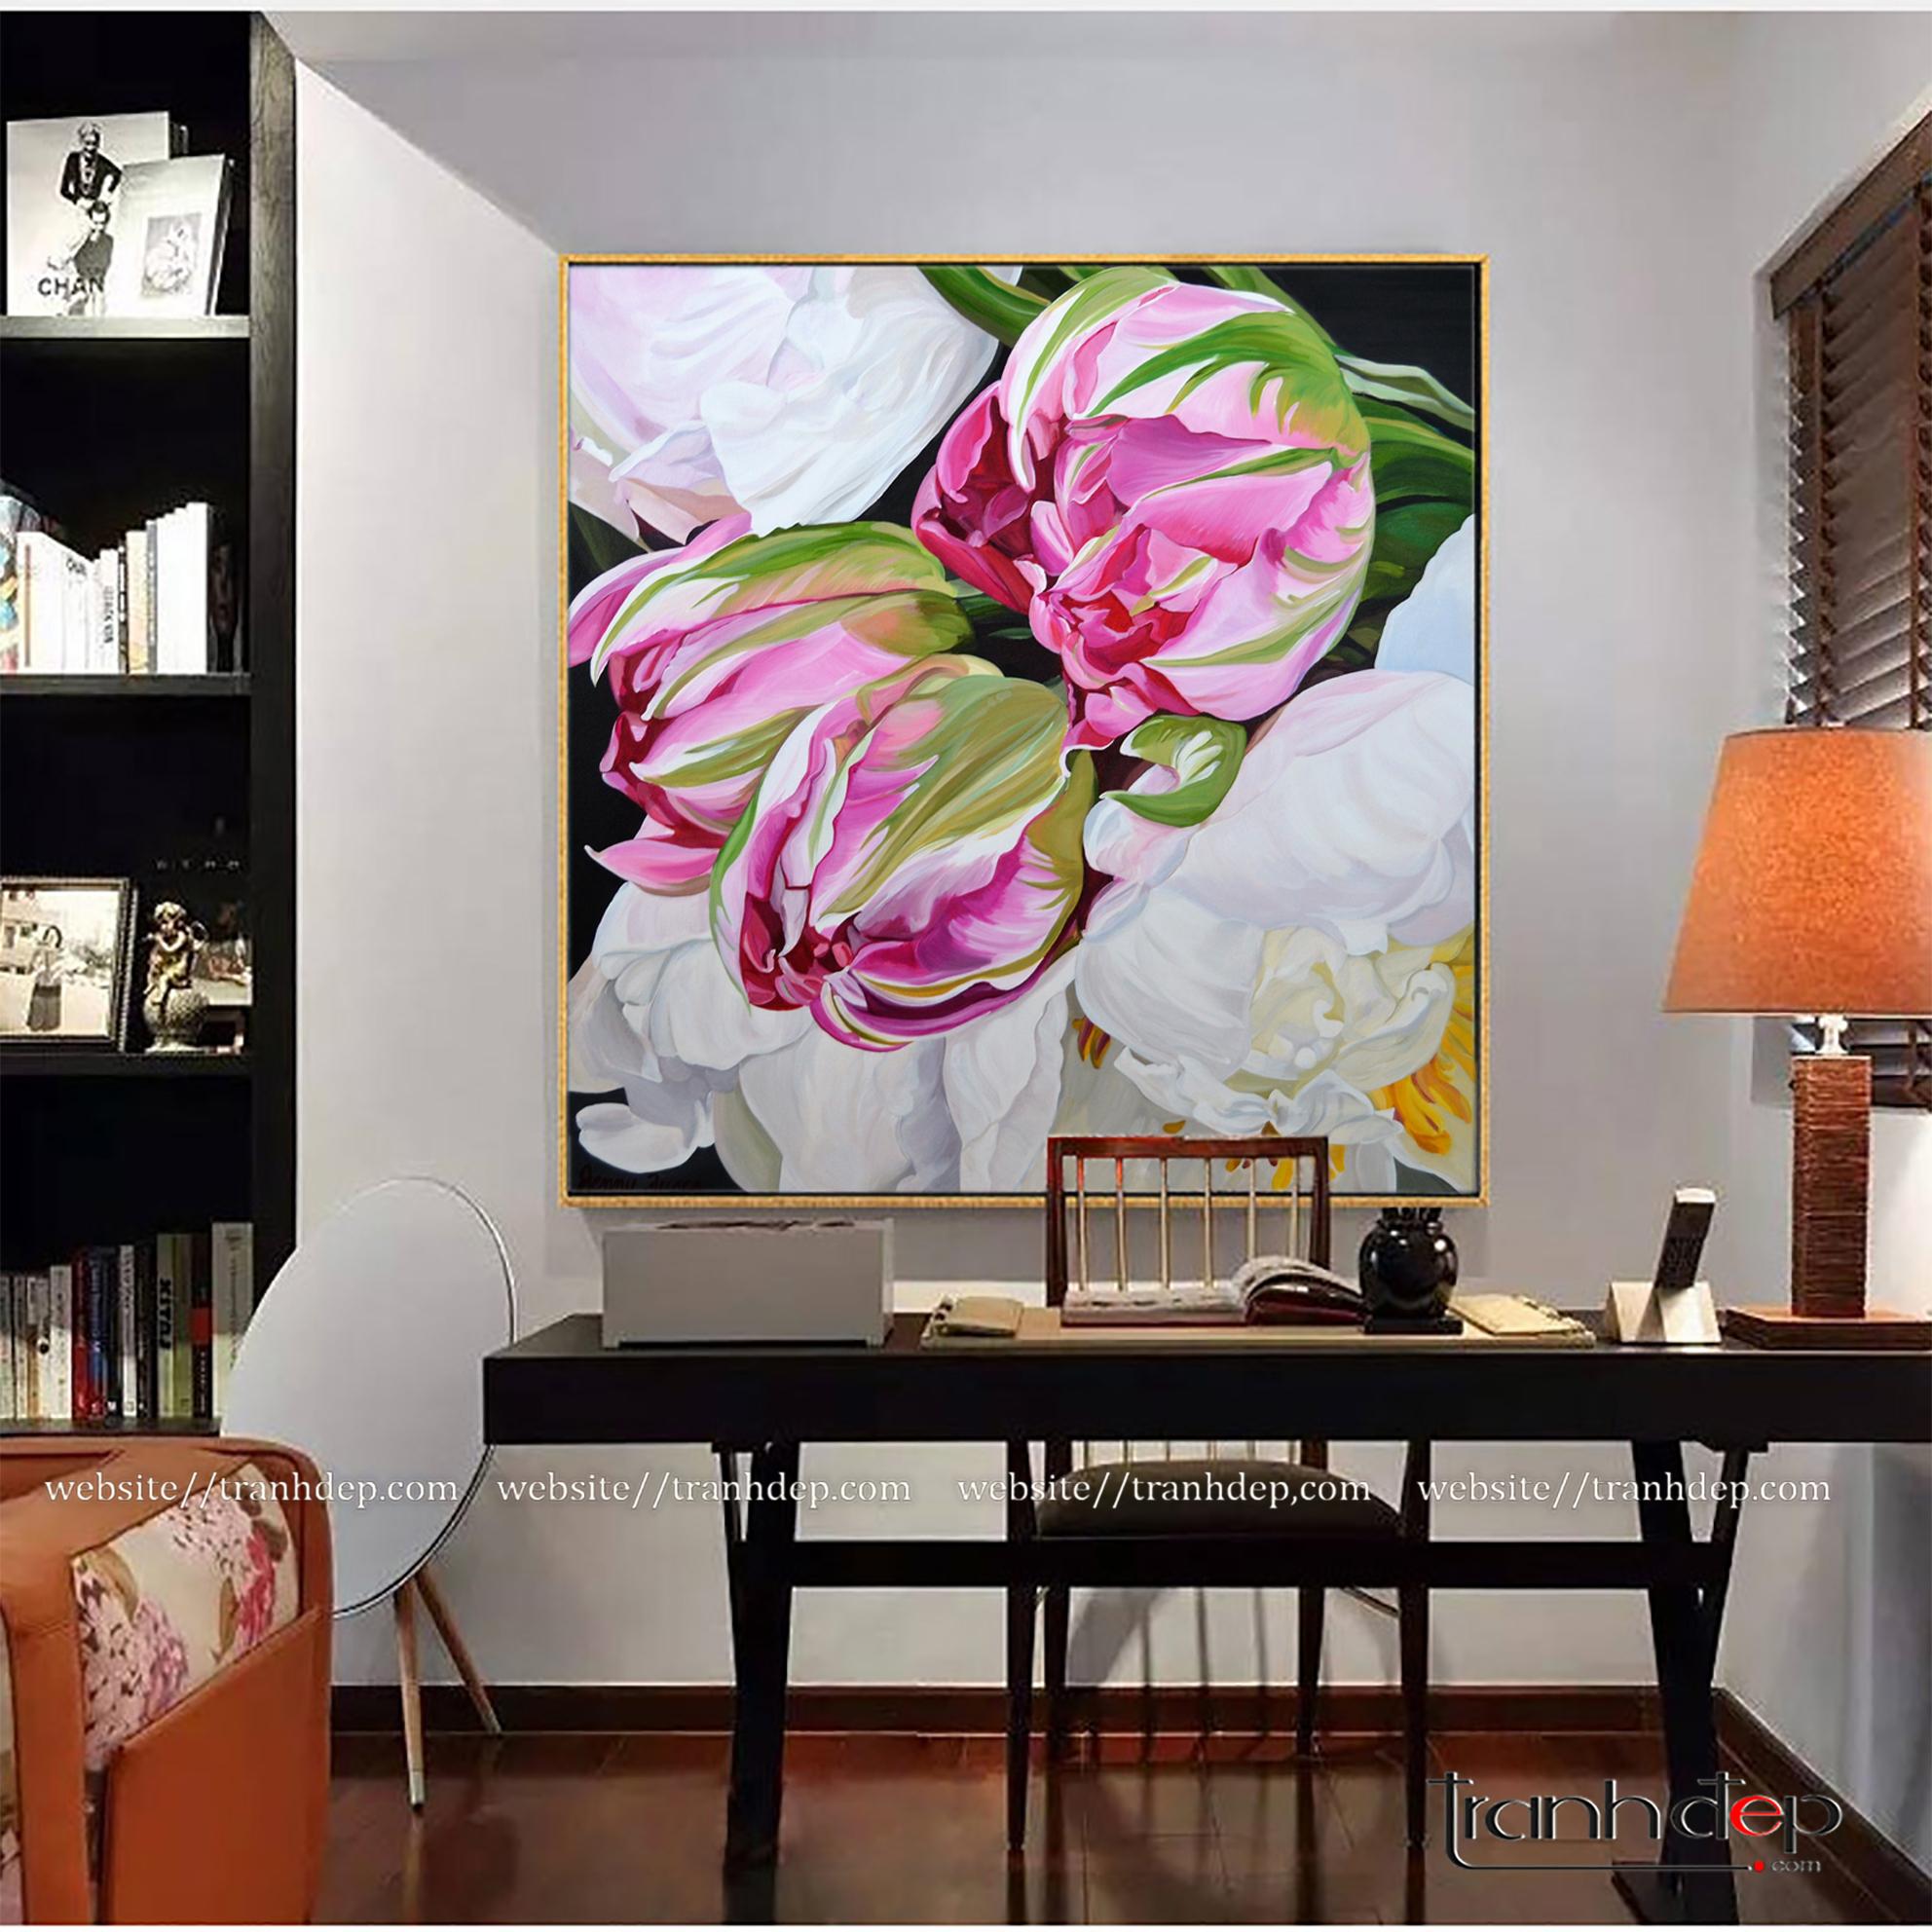 Tranh hoa đẹp treo phòng đọc sách, phòng làm việc